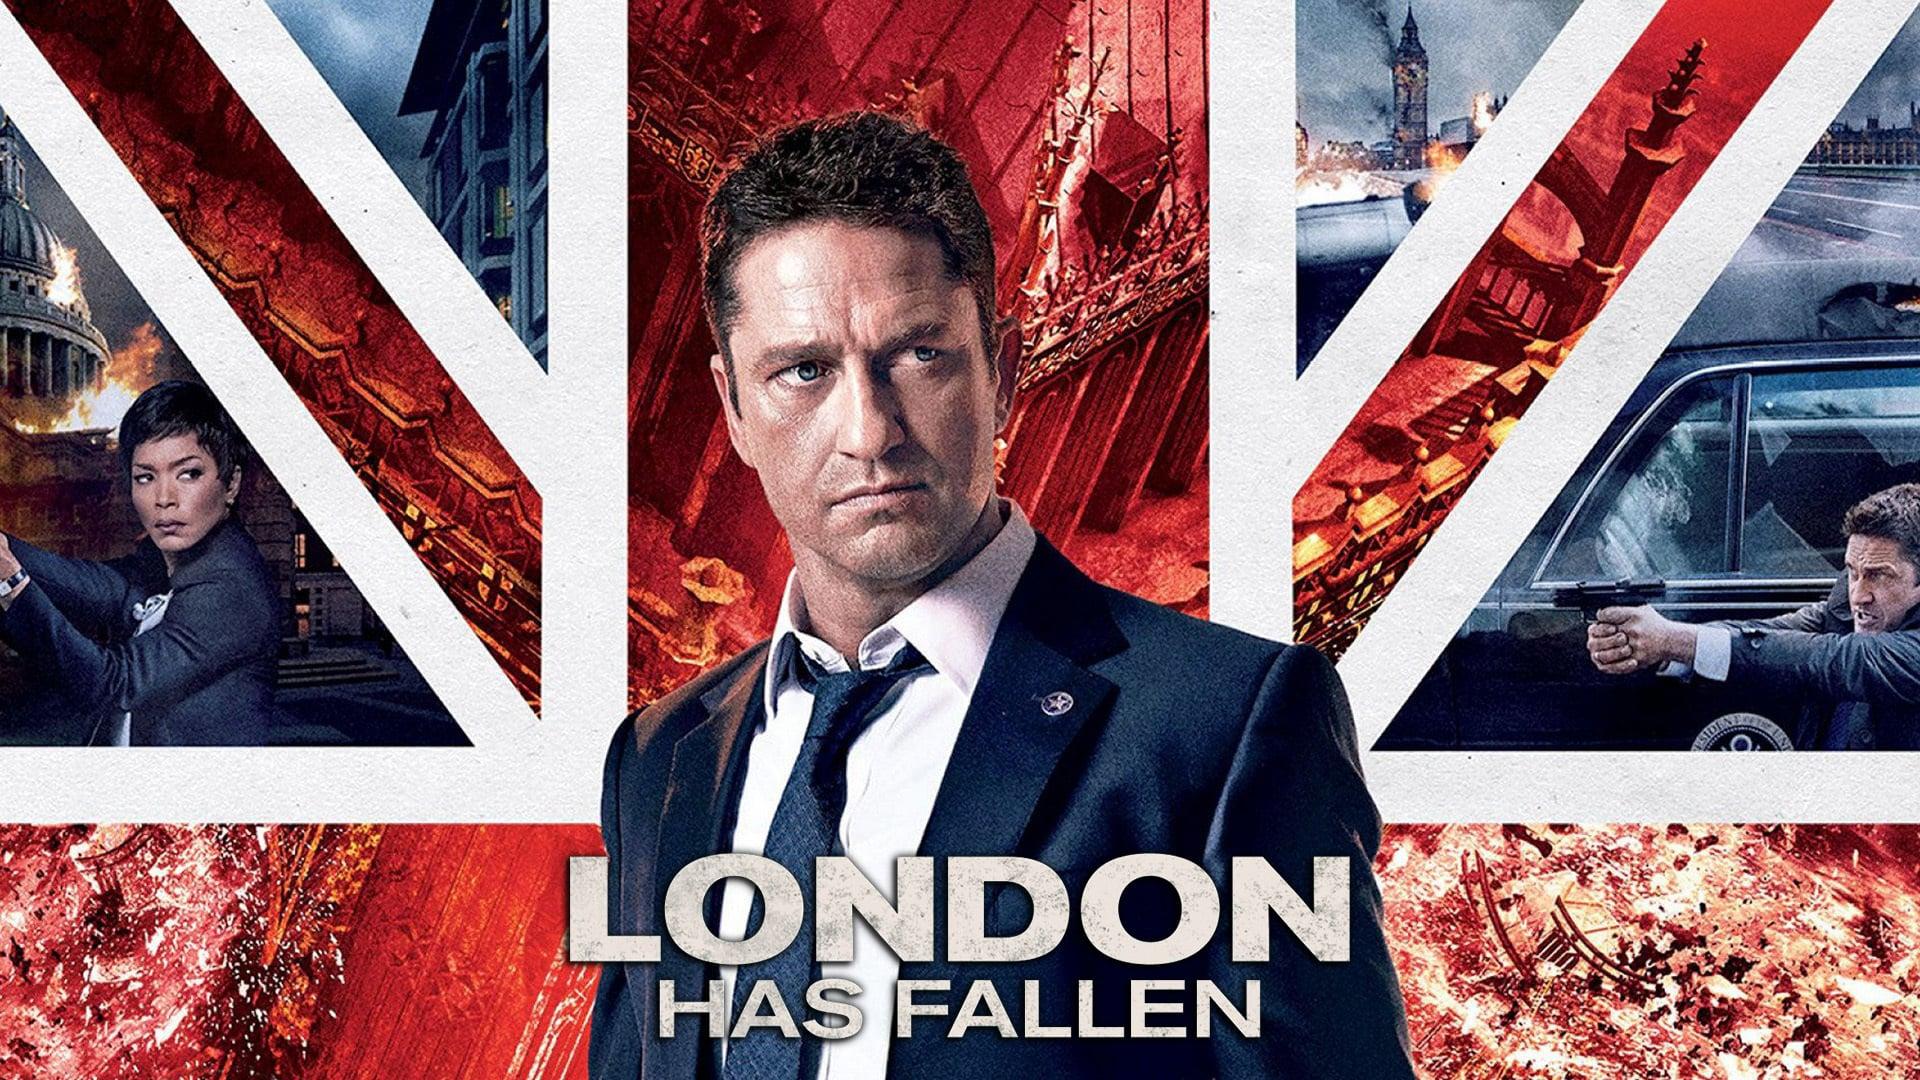 Regarder La chute de Londres en streaming gratuit